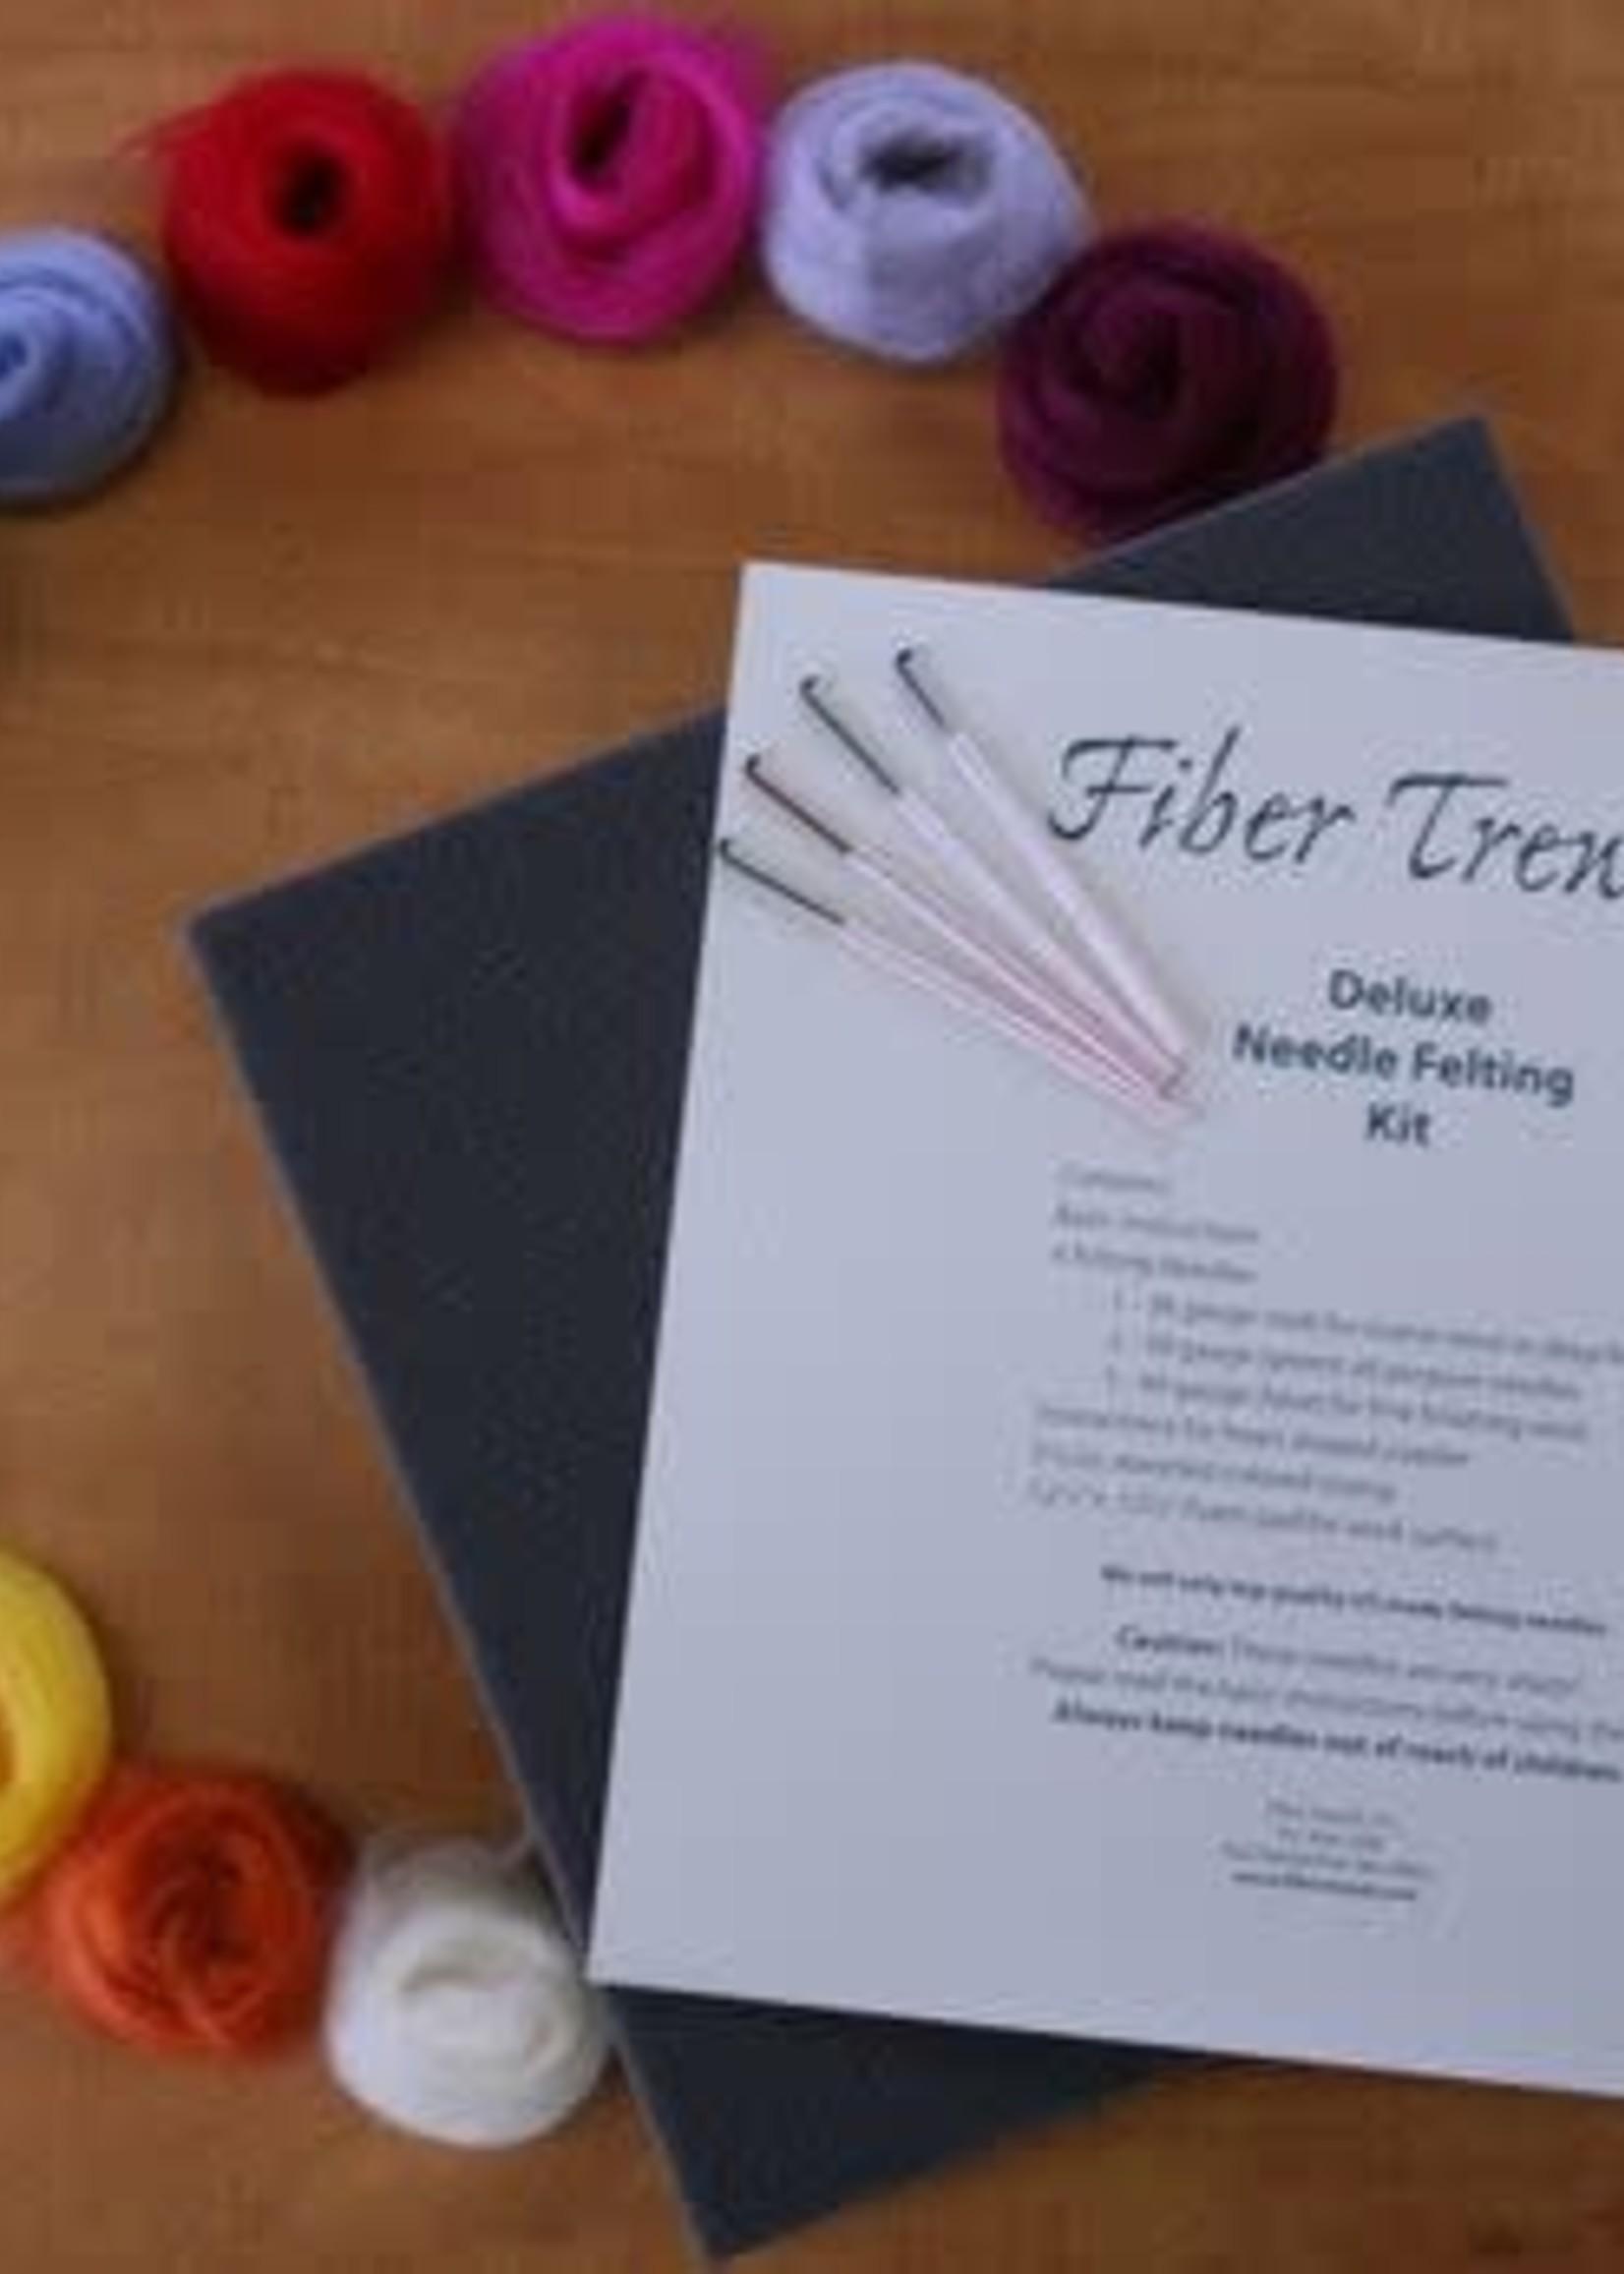 Fiber Trends Fiber Trends Needle Felting Kit - Deluxe Kit